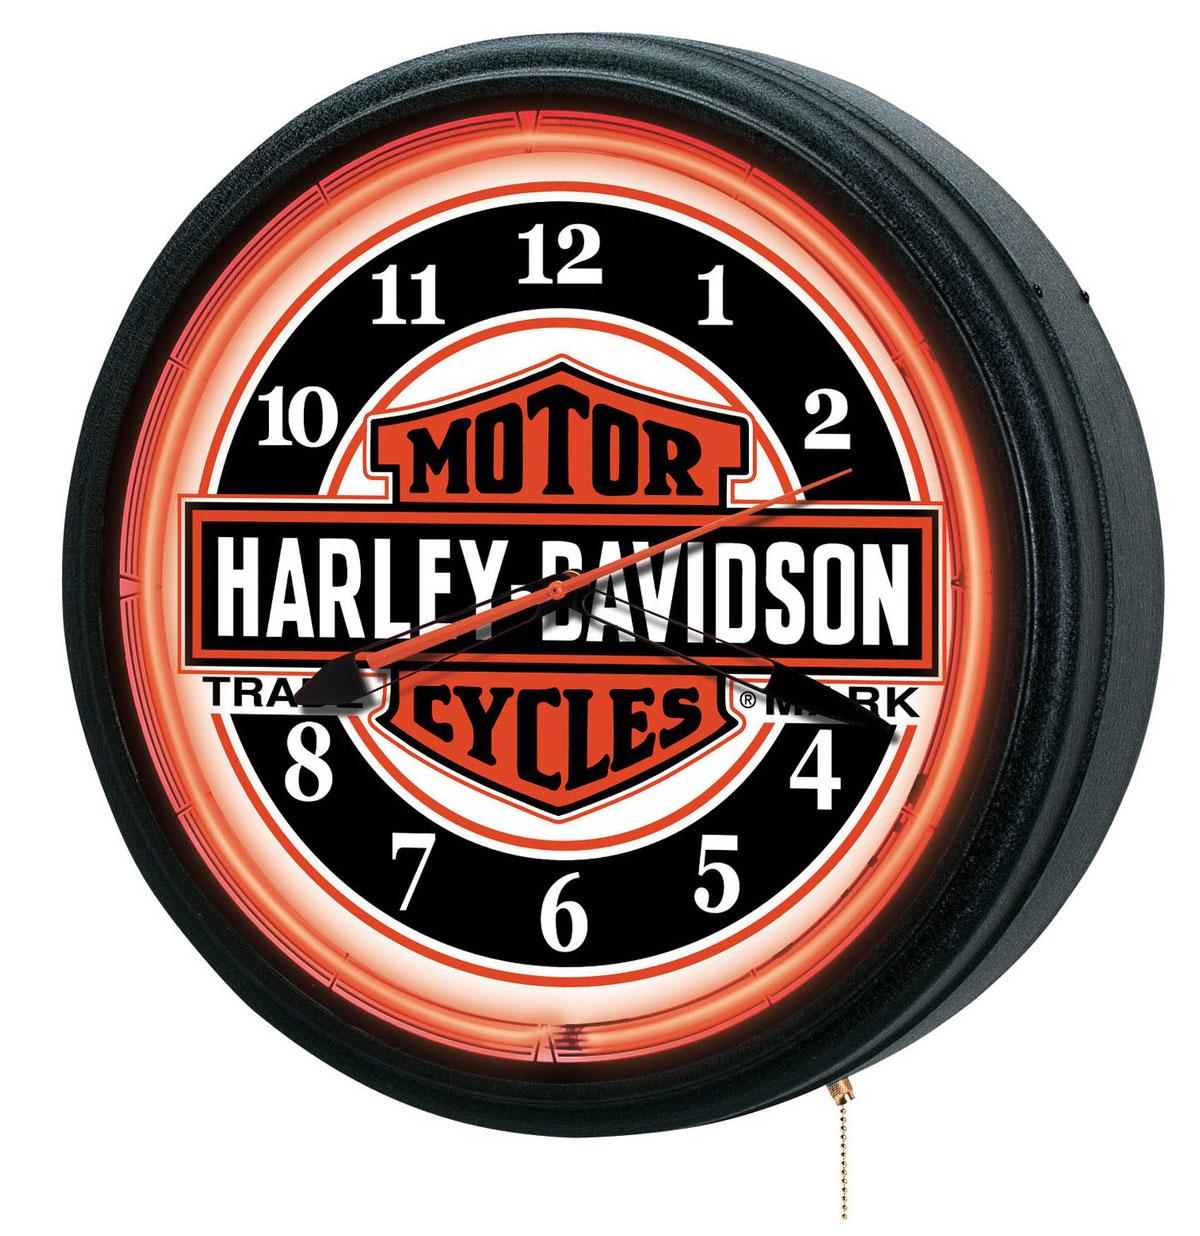 Harley-Davidson Nostalgic Trademark Bar & Shield Neon Klok - LAATSTE KANS, NIET MEER IN PRODUCTIE